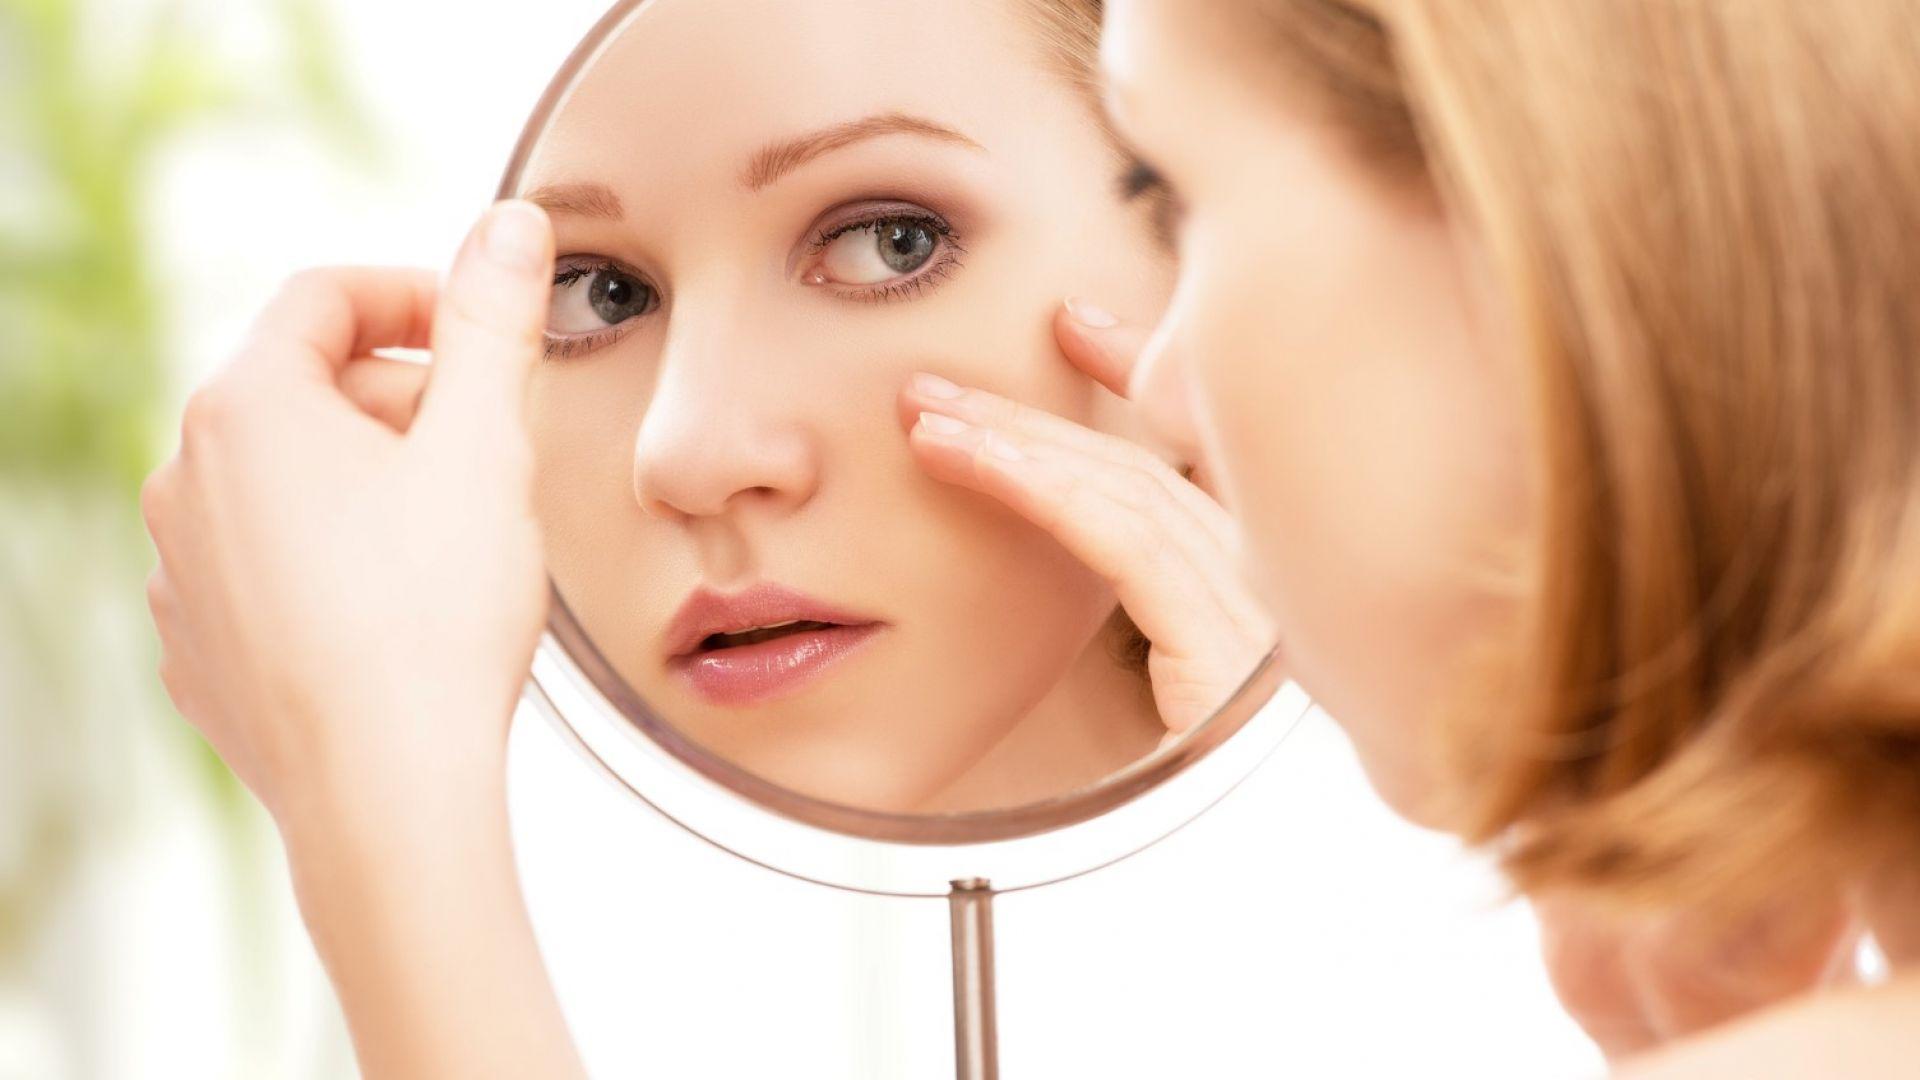 Вижте какви здравословни проблеми може да разкрие лицето